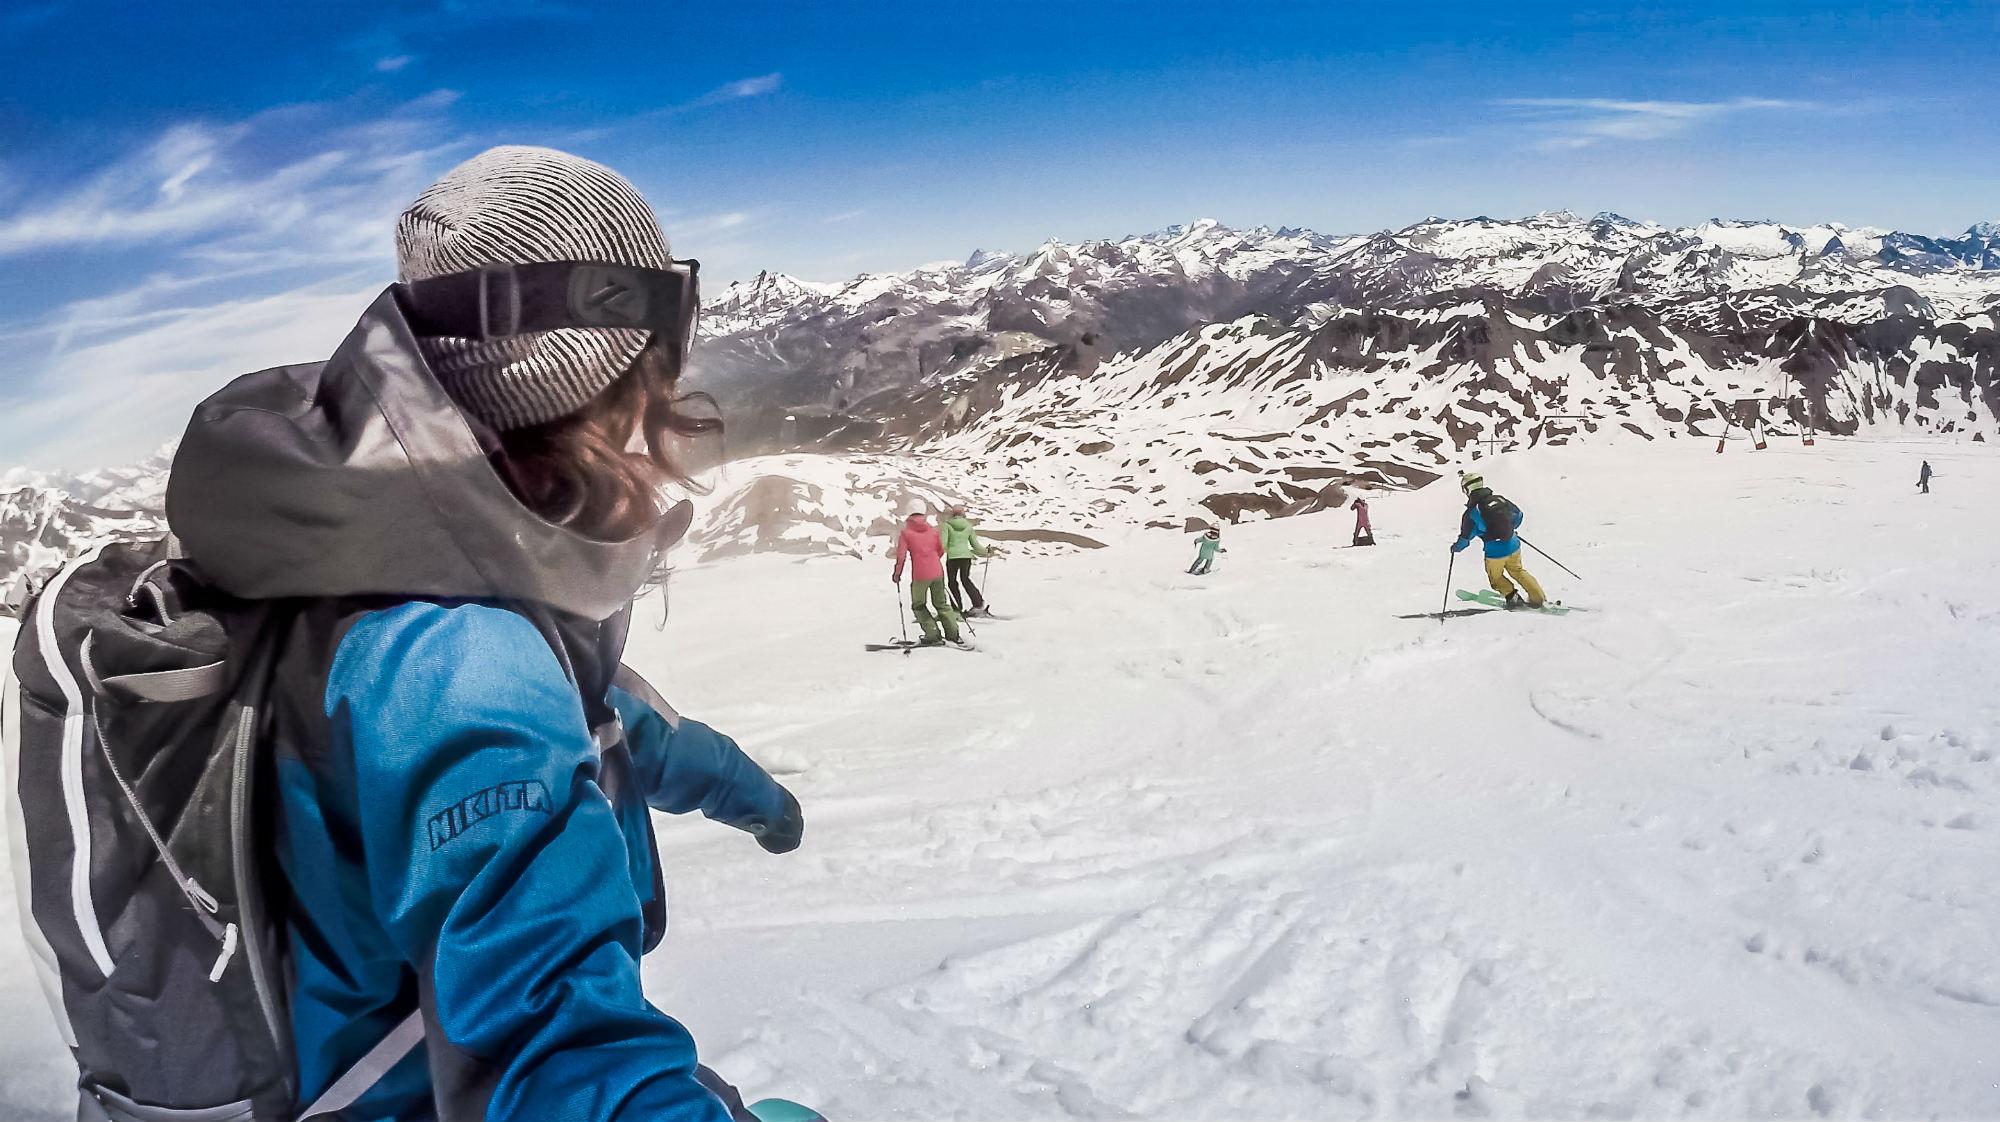 Des skieurs sur une piste enneigée à Tignes.